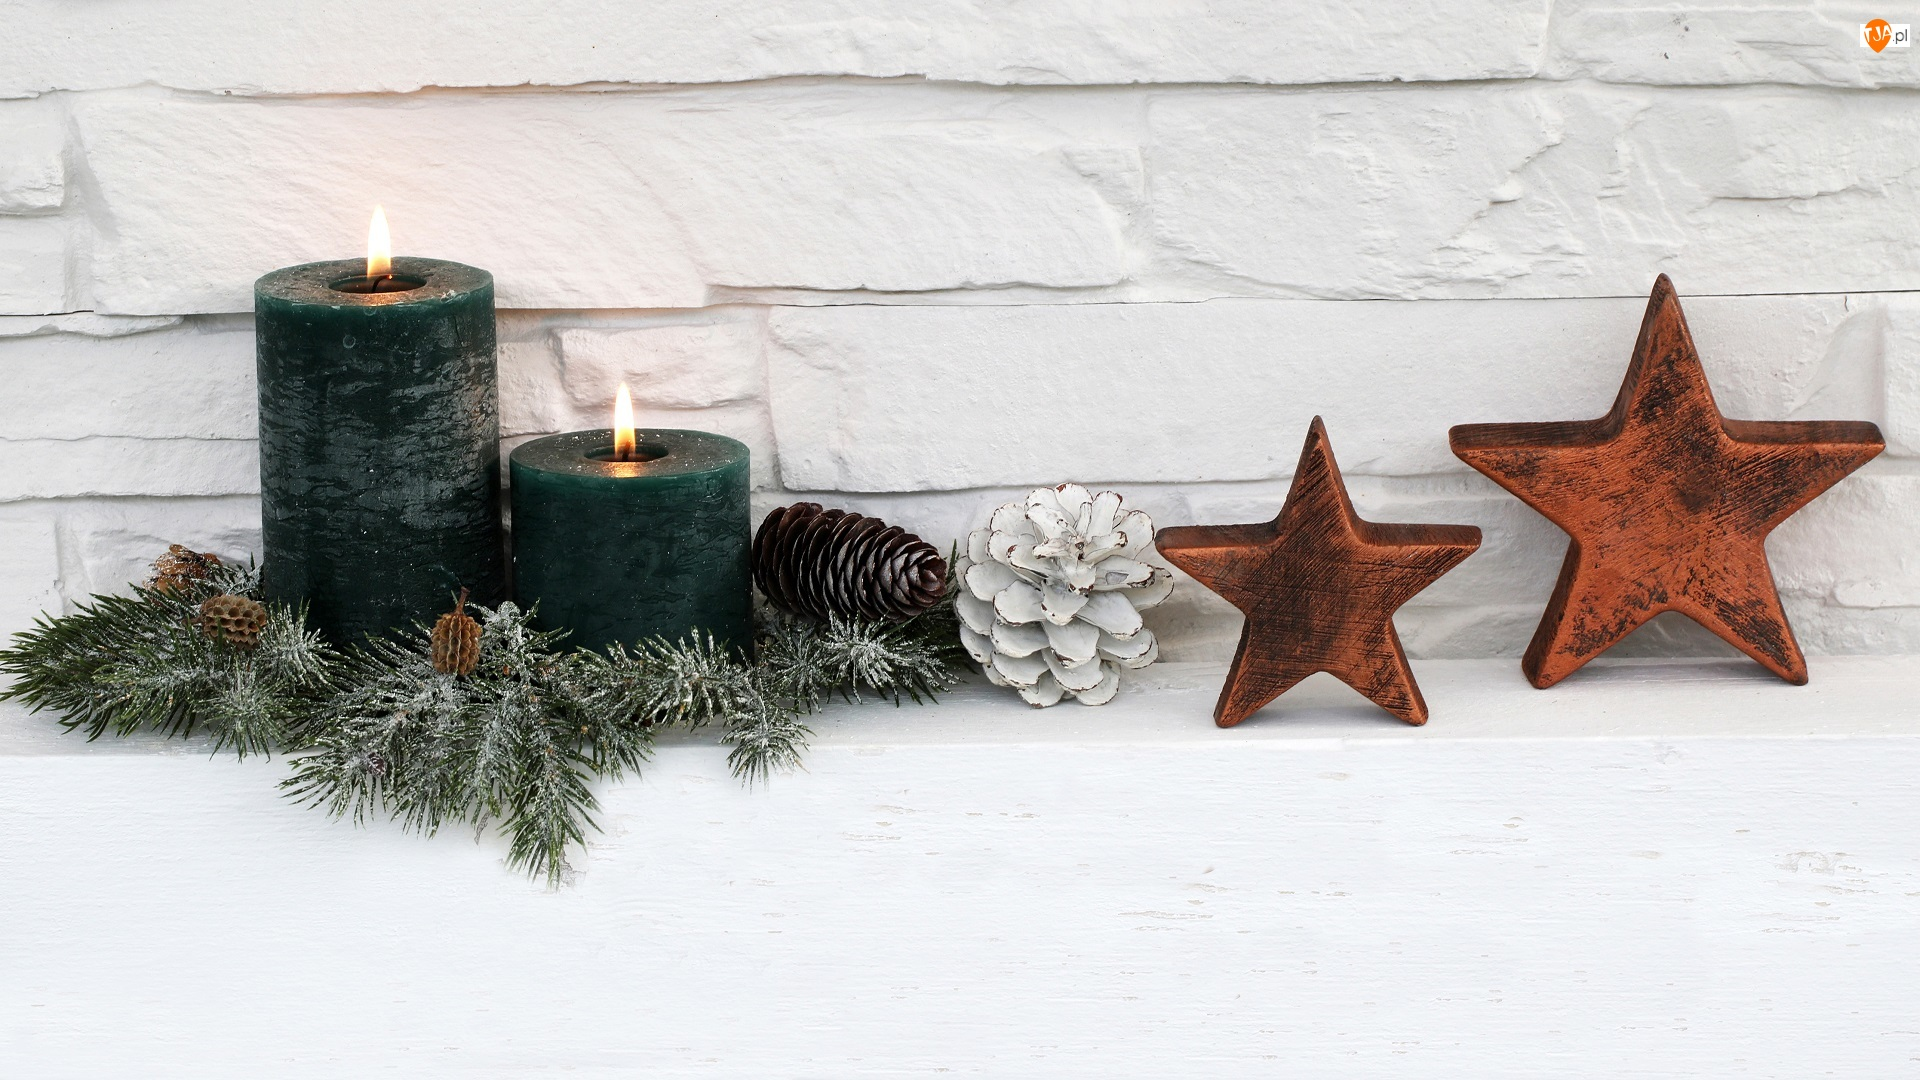 Oszronione, Świece, Boże Narodzenie, Gwiazdki, Świąteczne, Szyszki, Dekoracja, Świerka, Stroik, Gałązki